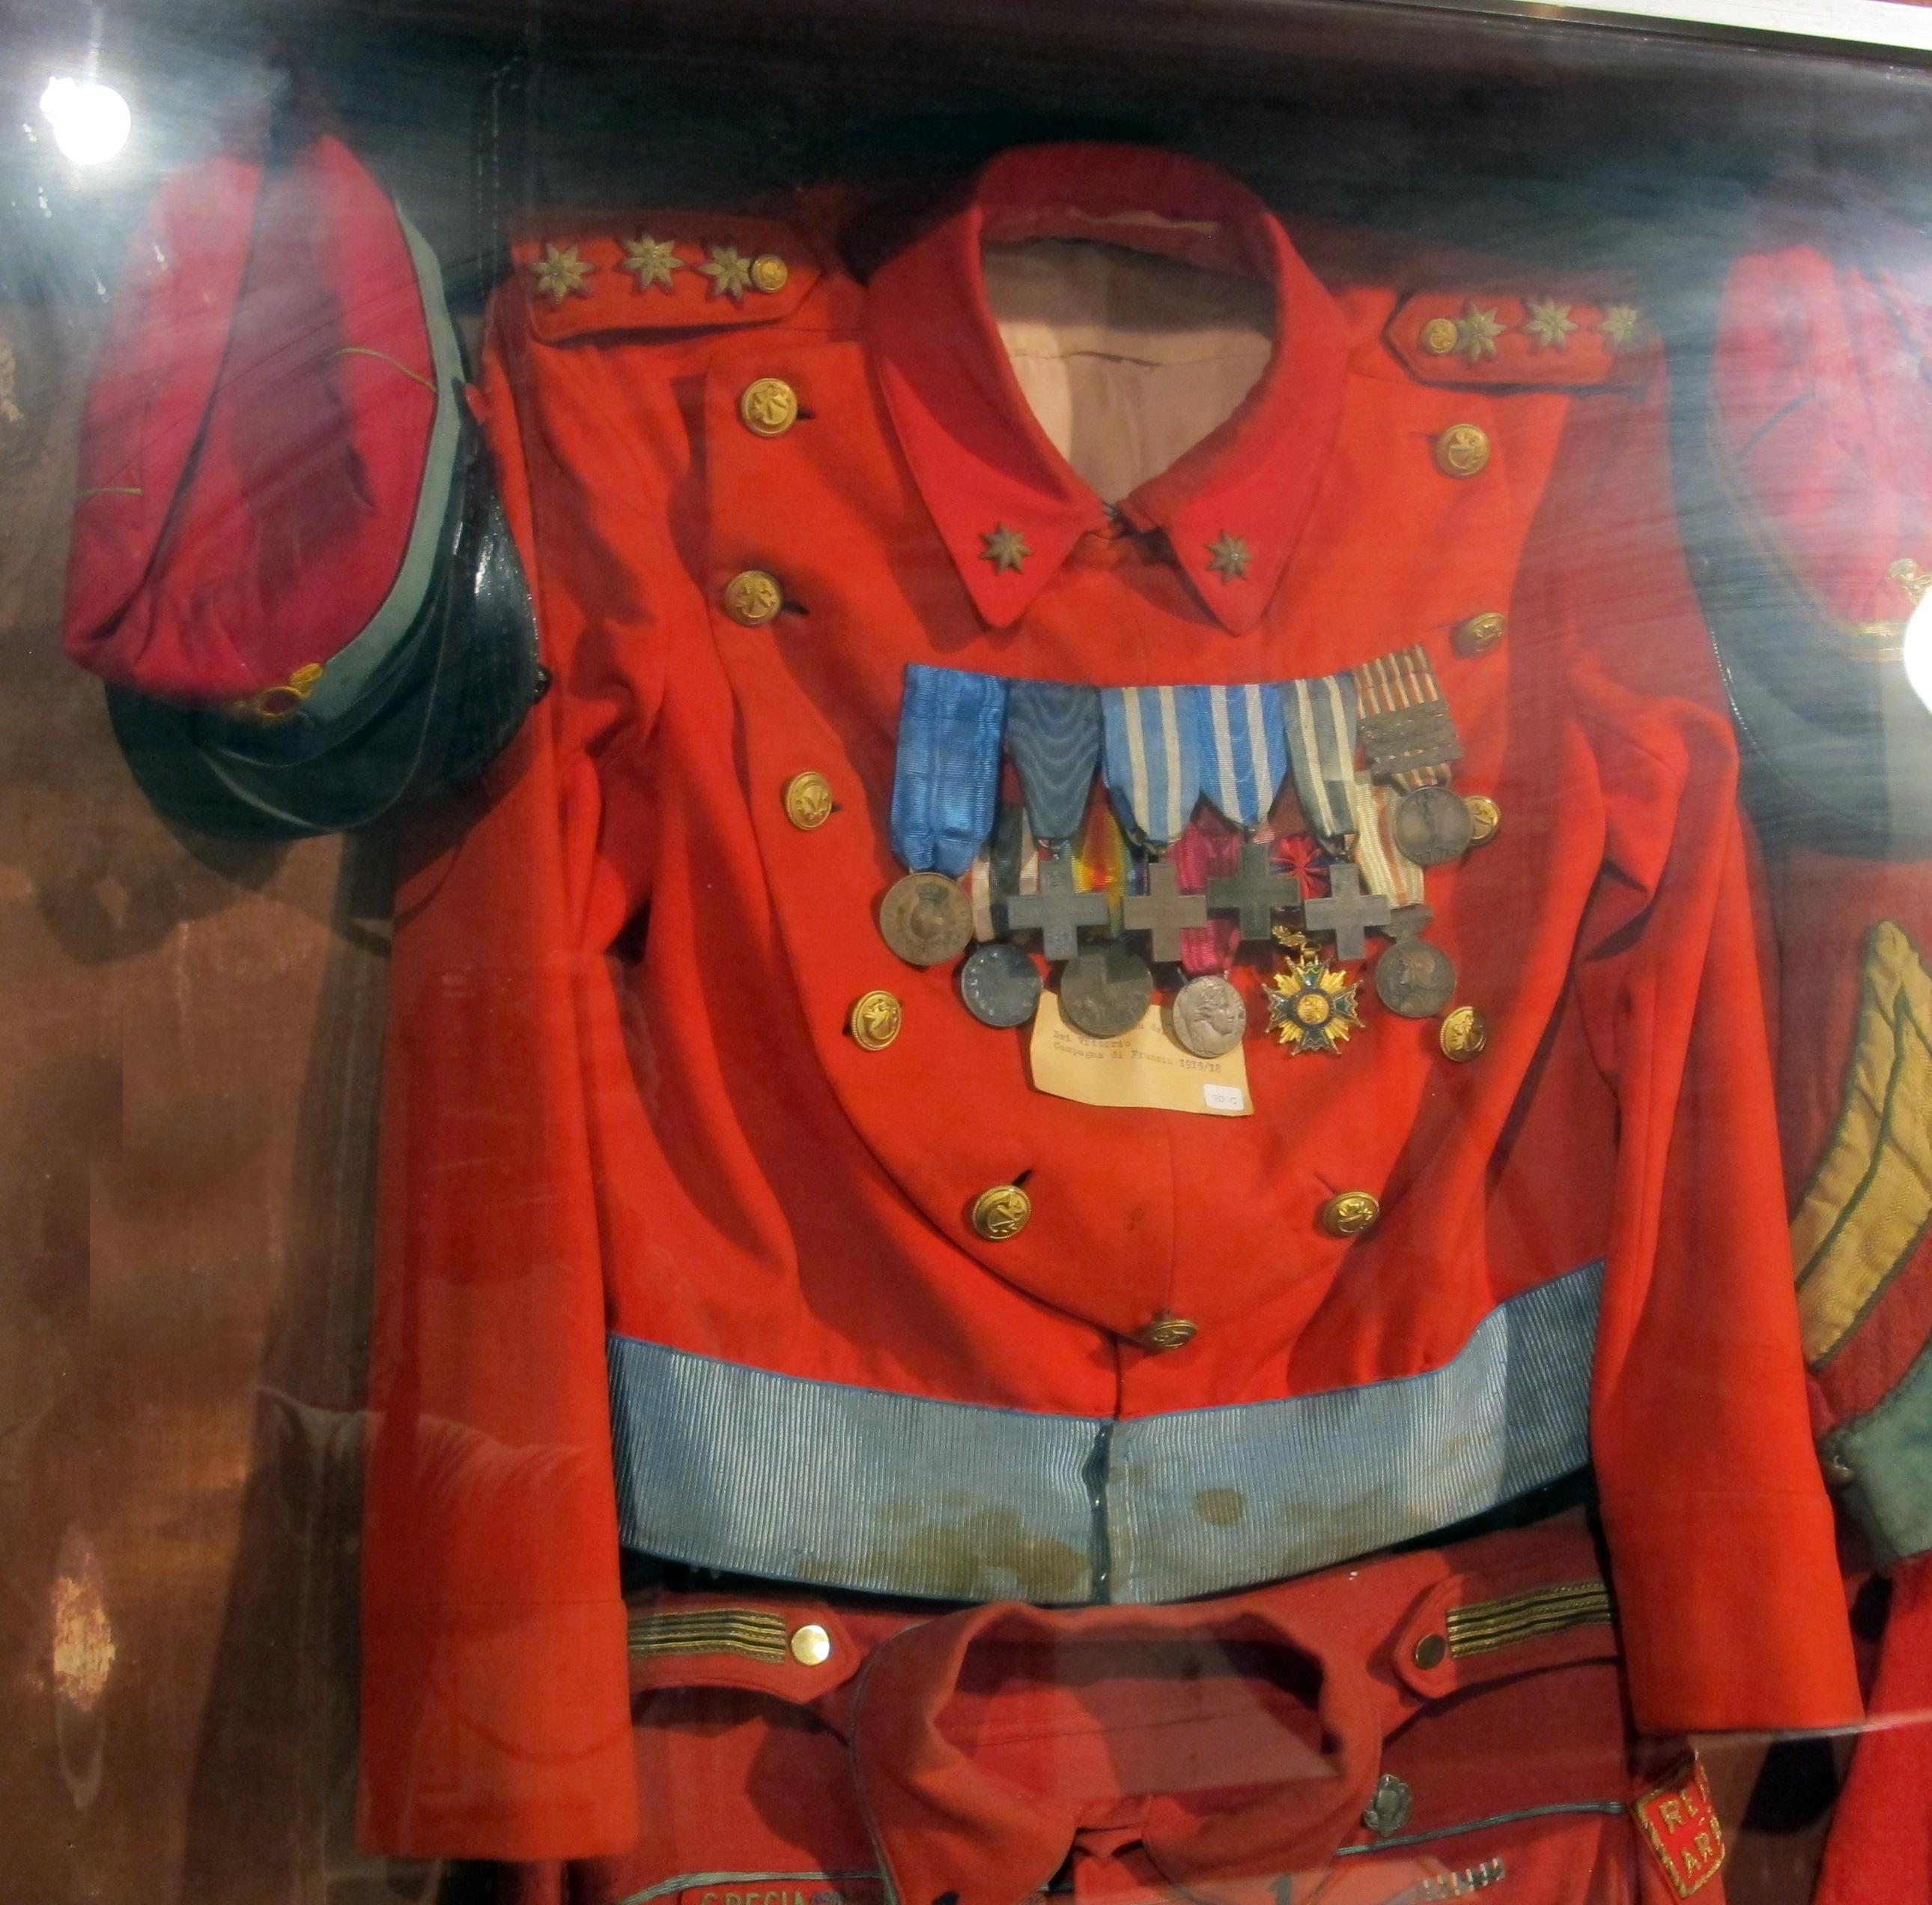 watch cbb46 7b50f File:Torre della castagna, museo garibaldino, camicie rosse ...